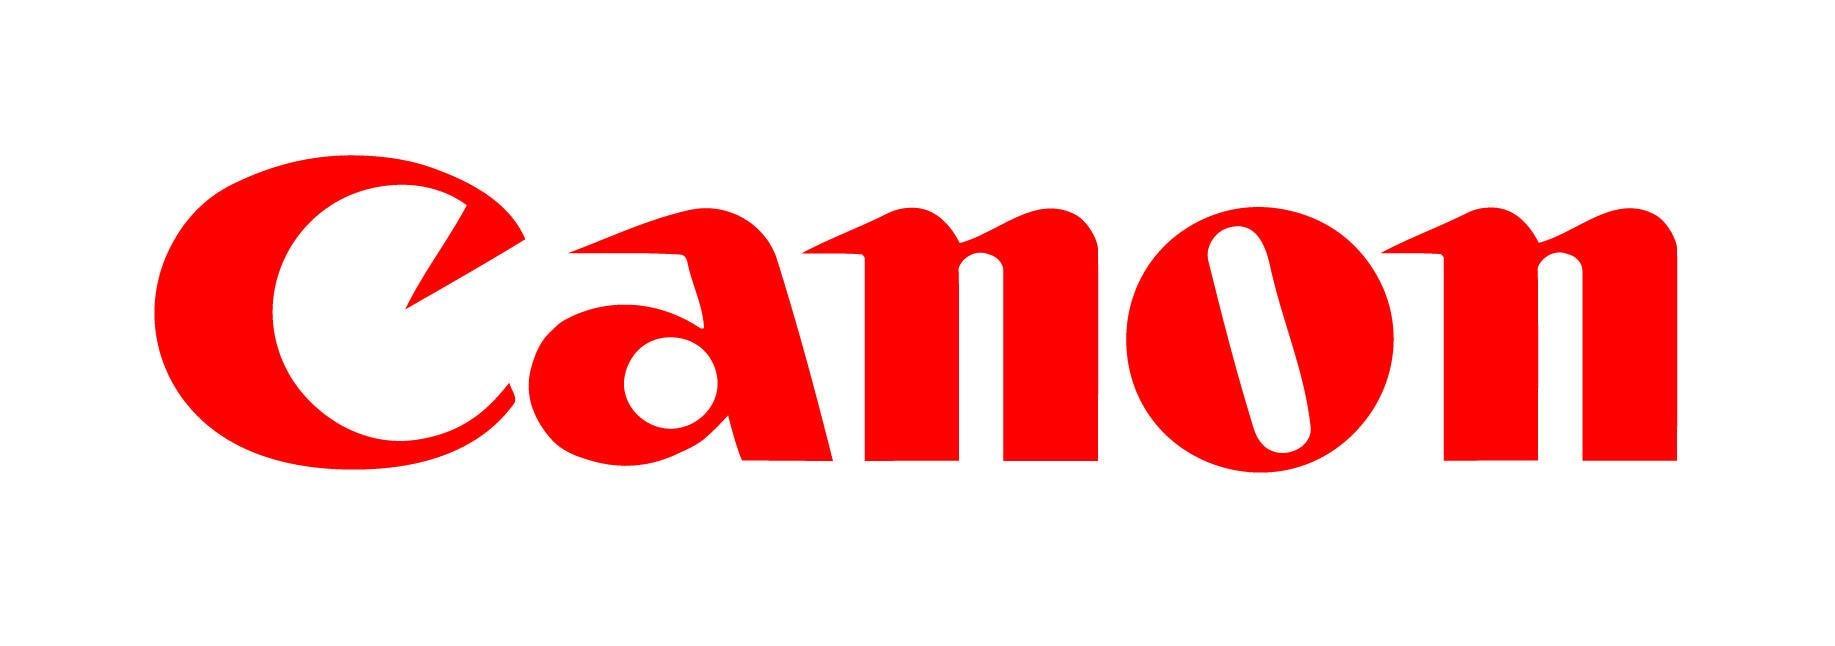 Canon - CMYK.jpg